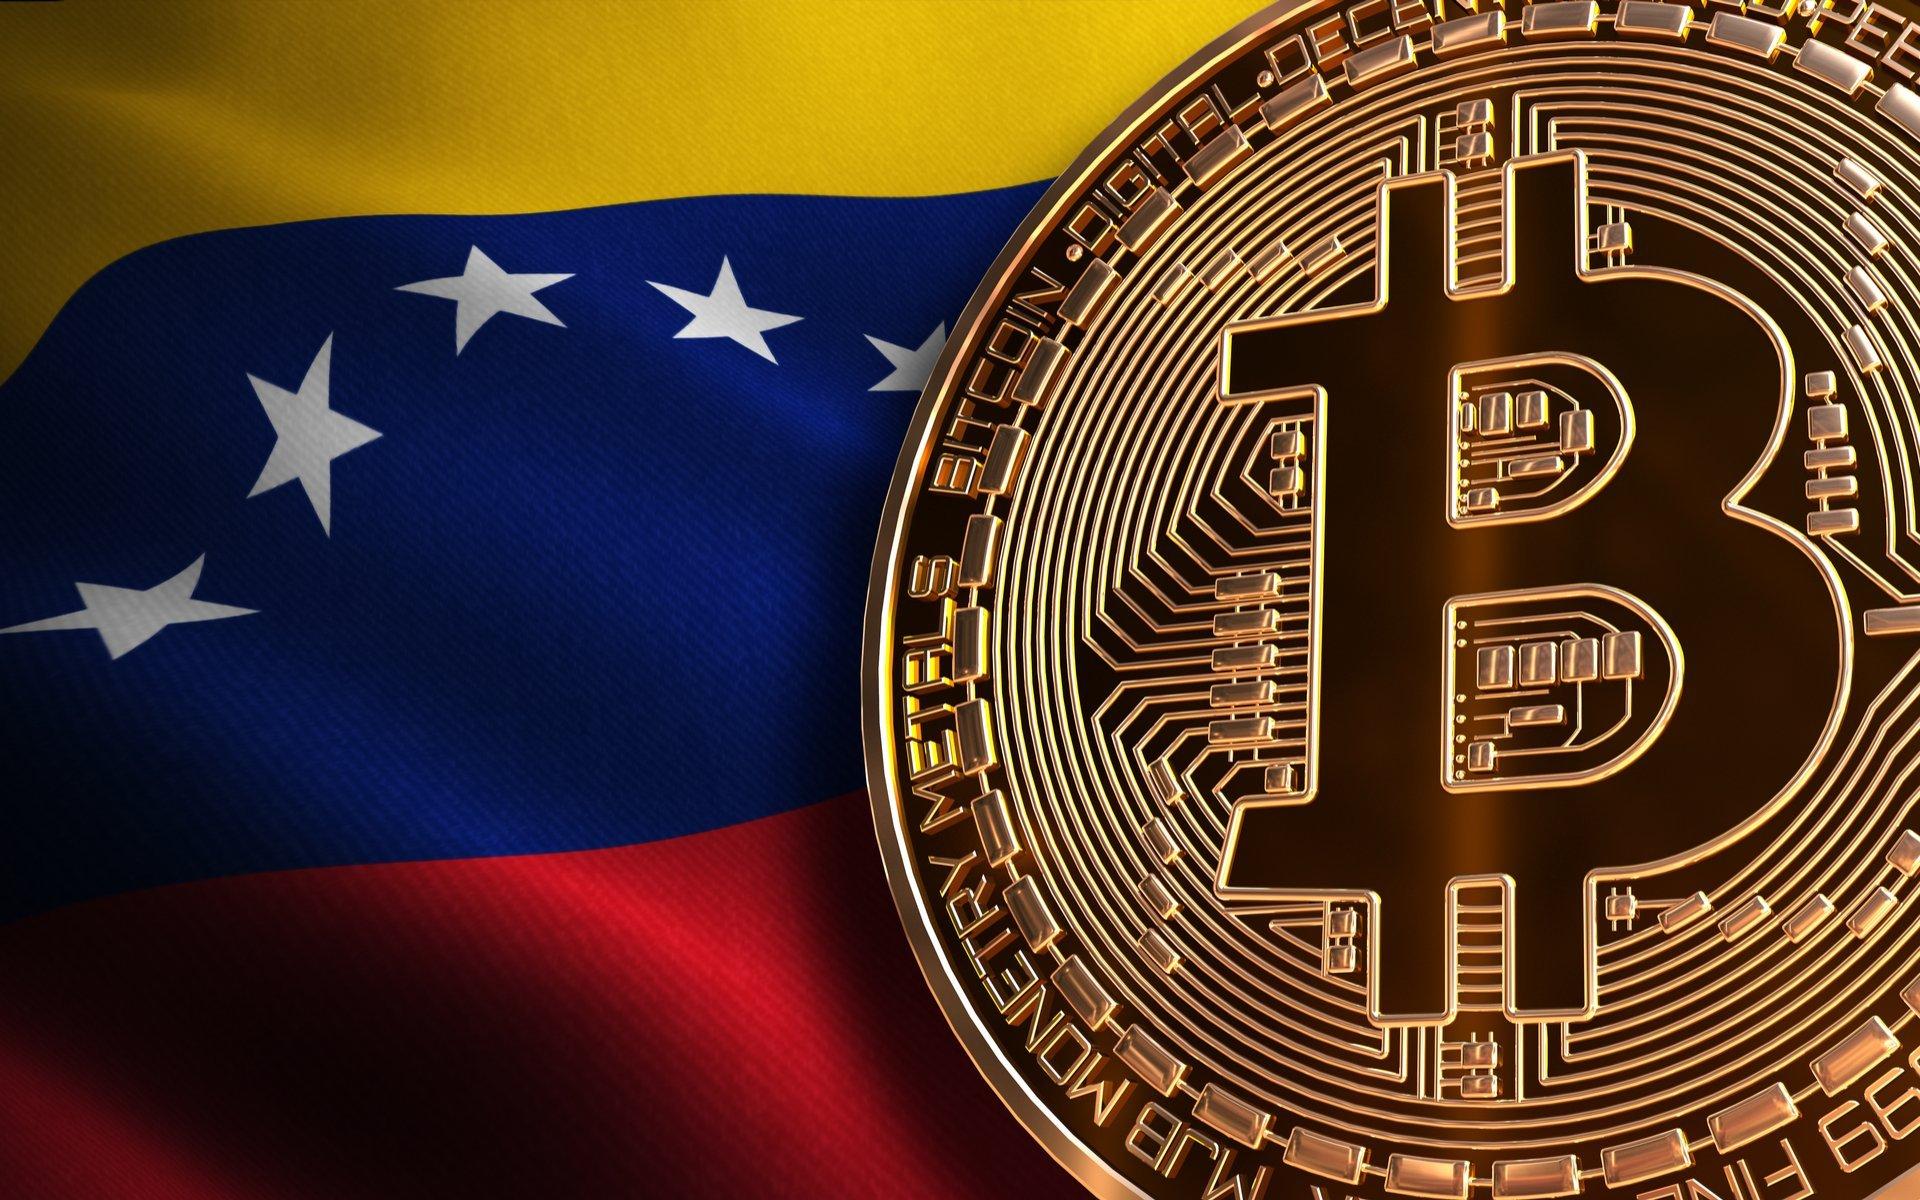 Правительство Венесуэлы начало регулировать переводы криптовалюты